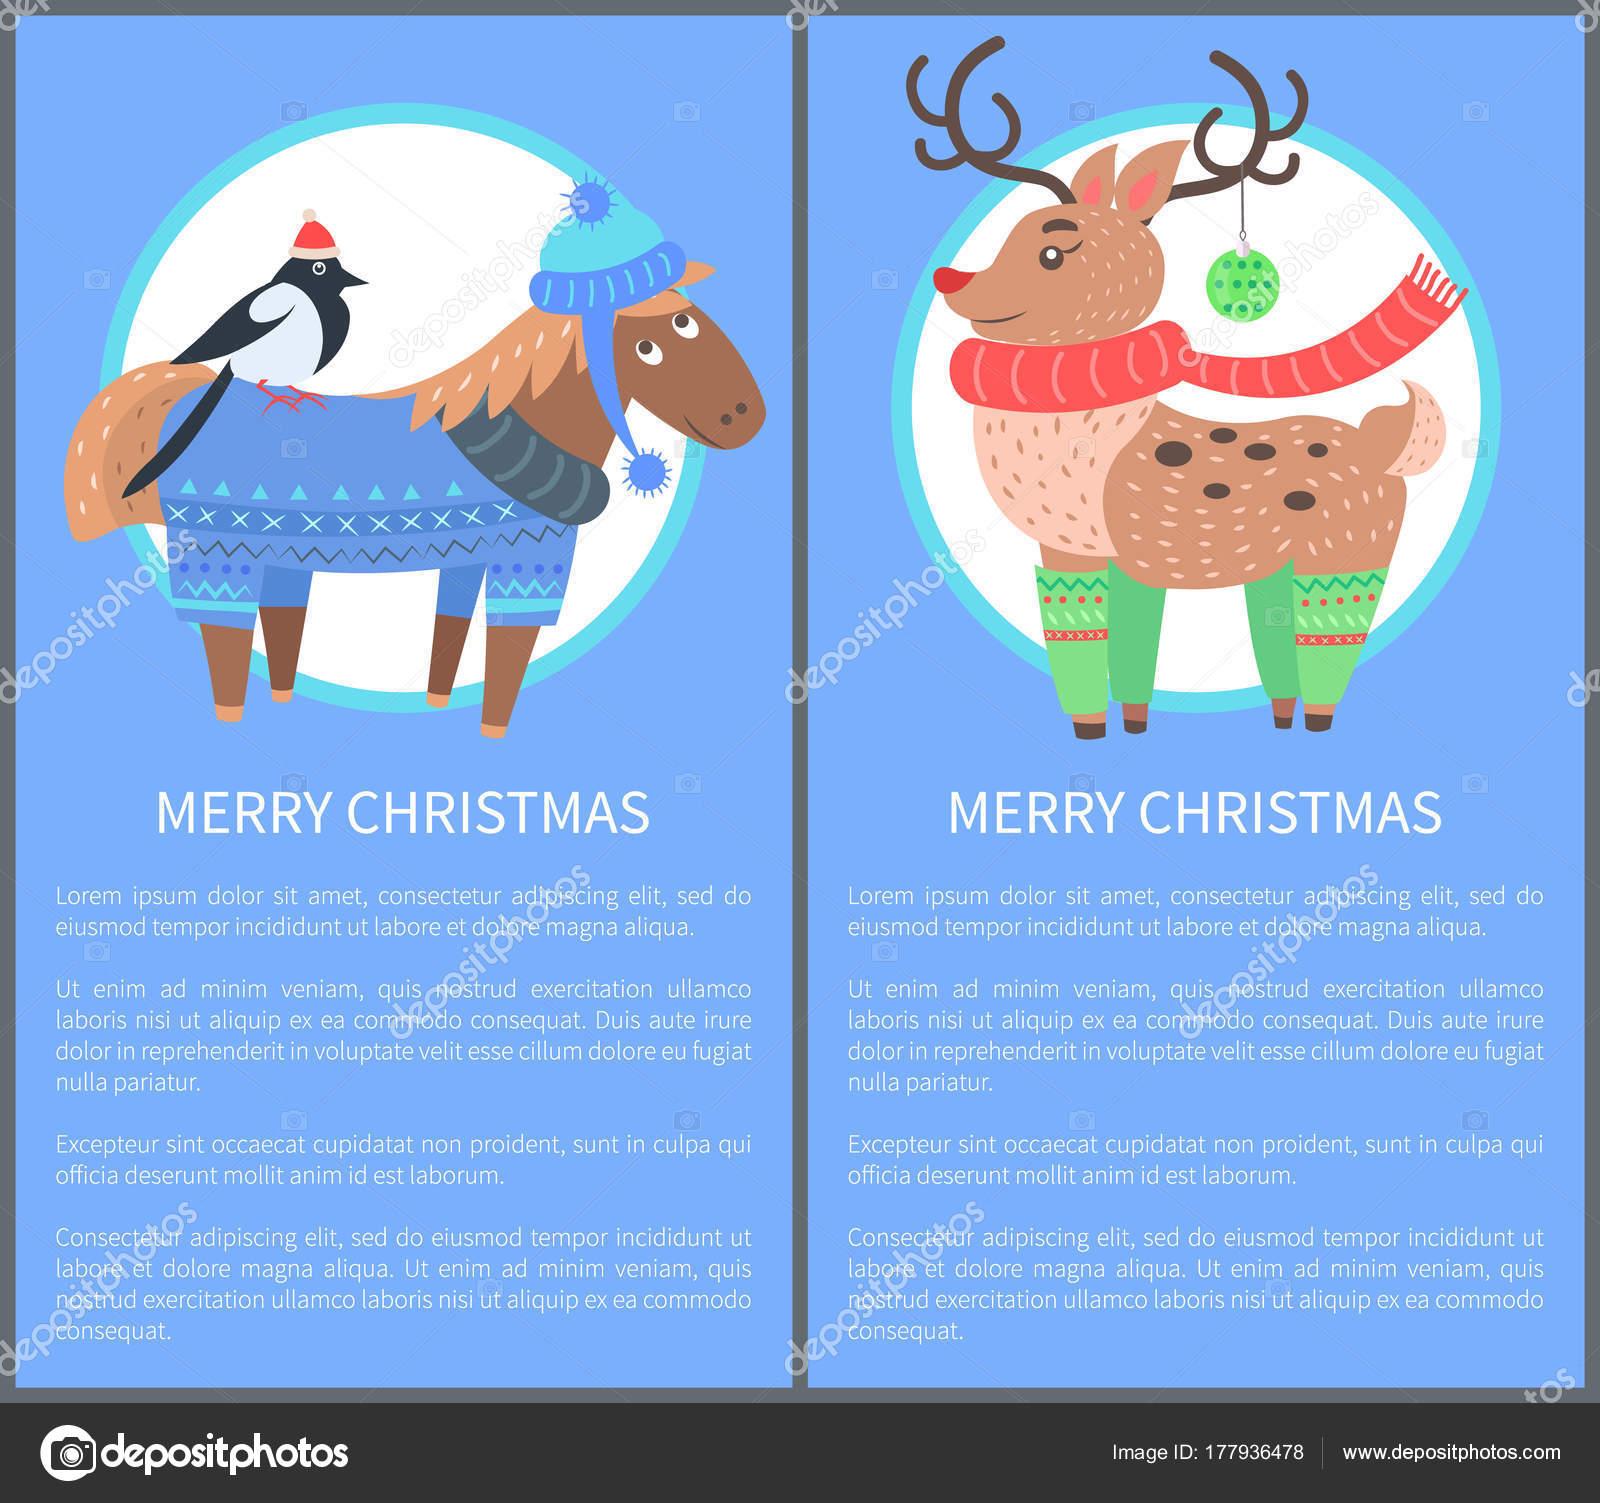 Frohe Weihnachten Pferd.Frohe Weihnachten Postkarte Mit Pferd Gimpel Hirsch Stockvektor